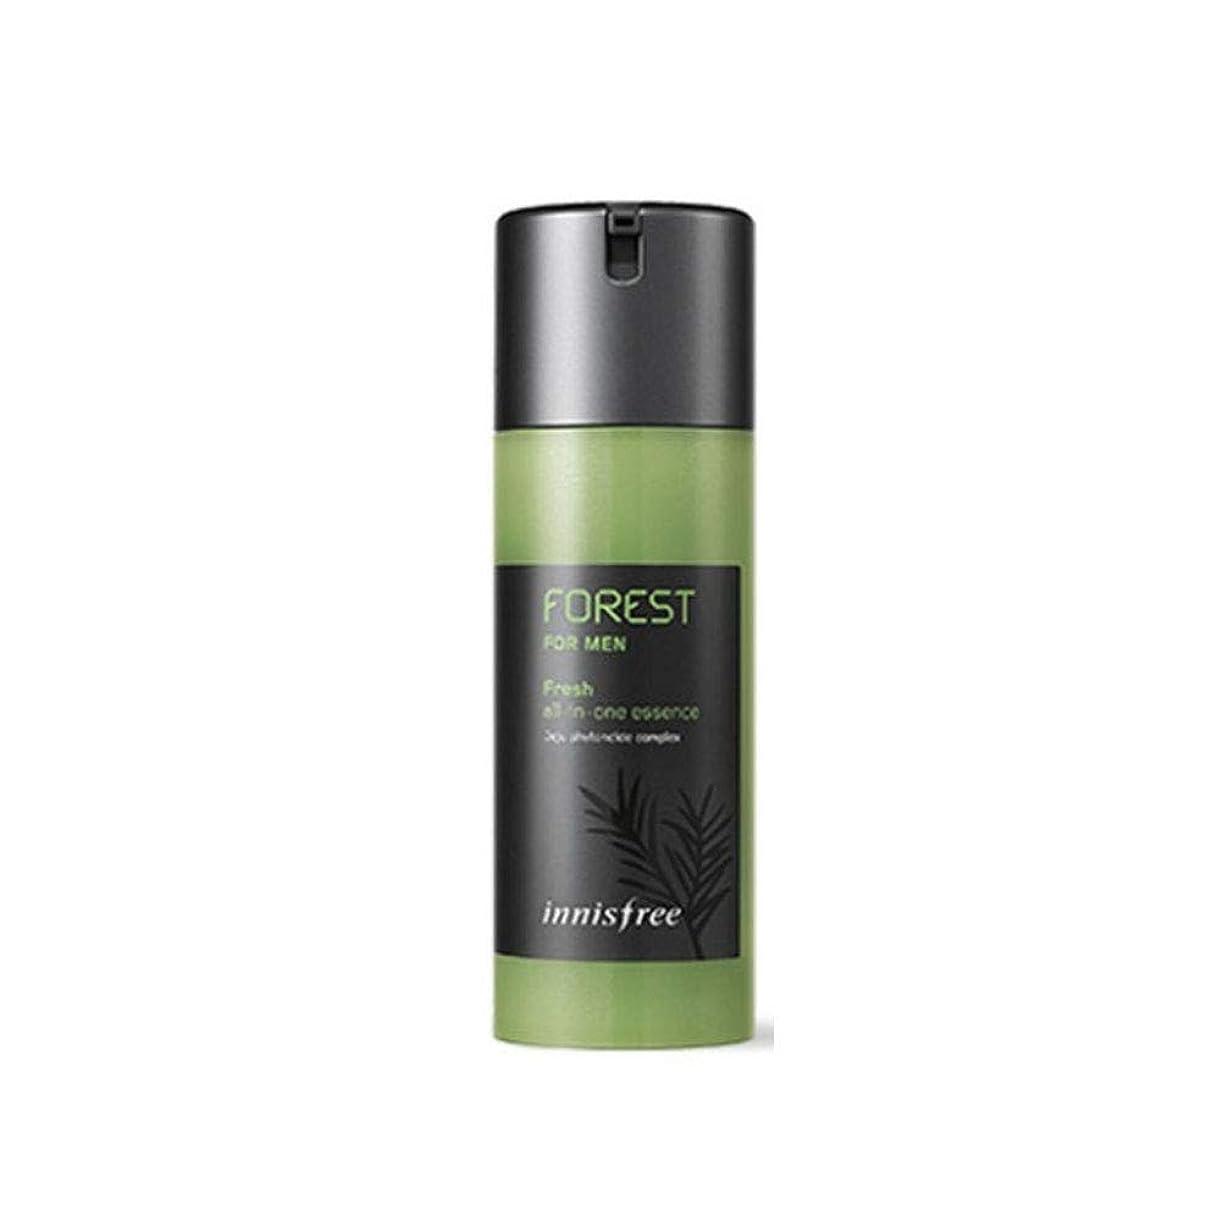 イニスフリーフォレストフォーマンフレッシュスキンケアセットスキンローションクレンジングフォームメンズコスメ韓国コスメ、innisfree Forest for Men Fresh Skincare Set Skin Lotion Cleansing Foam Korean Cosmetics [並行輸入品]